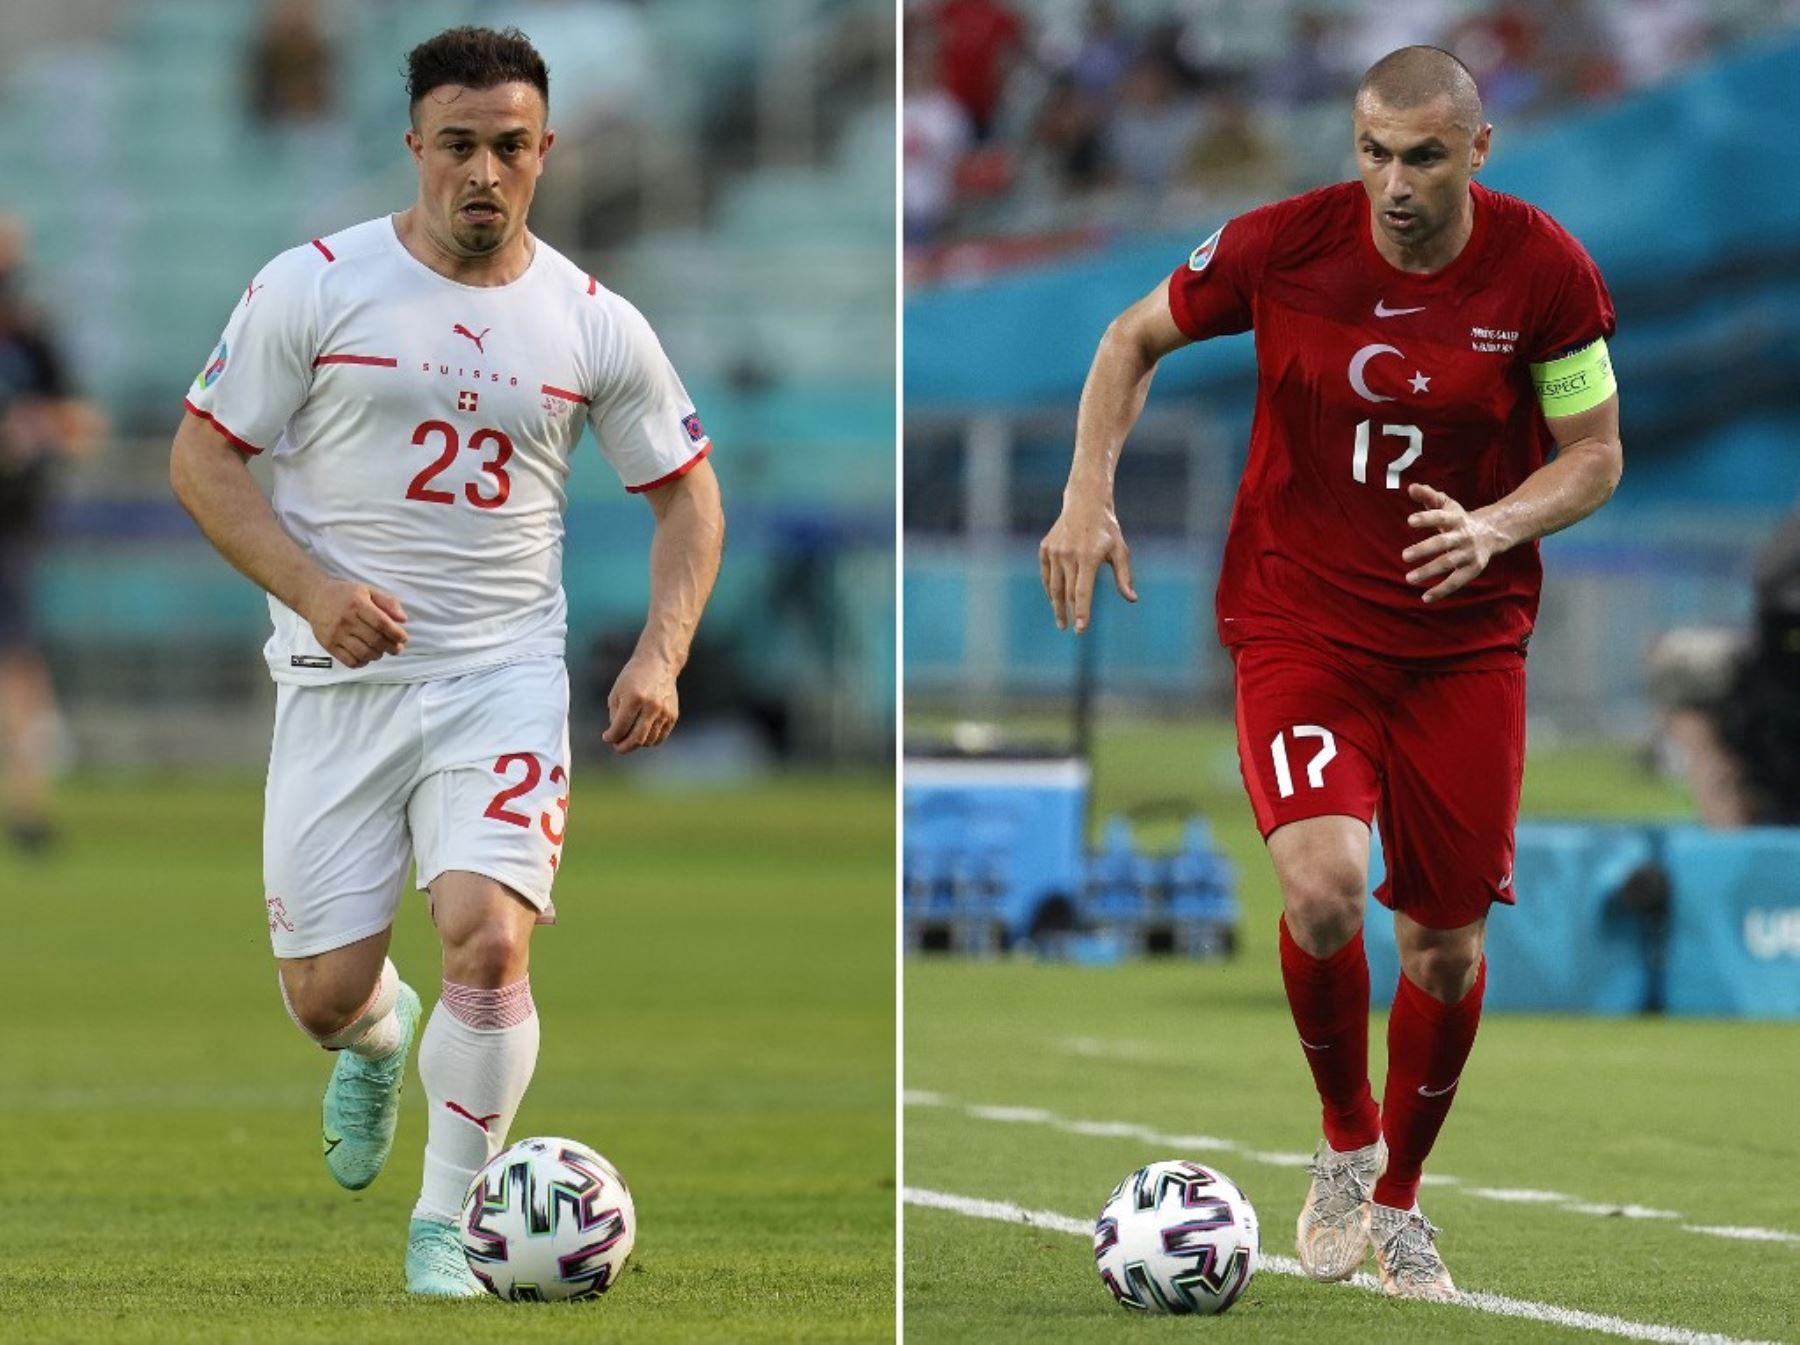 Suiza y Turquía se juegan el todo o nada en la Eurocopa